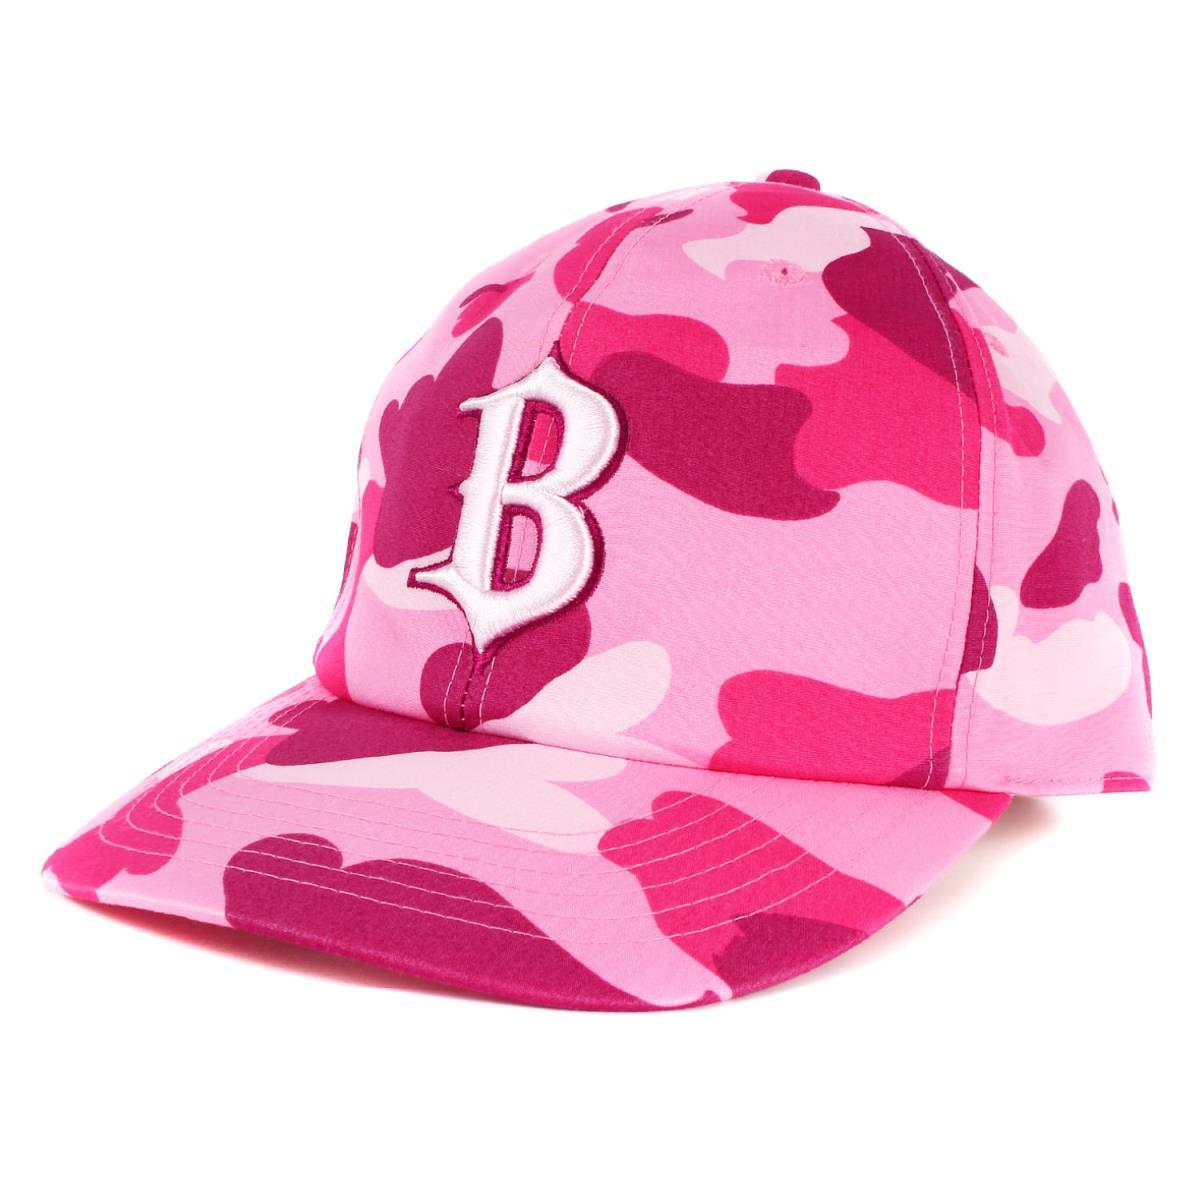 APE (エイプ) キャップ Bロゴ 刺繍 カラーカモ ベースボールキャップ ピンク L 【メンズ】【中古】【K2403】【あす楽☆対応可】